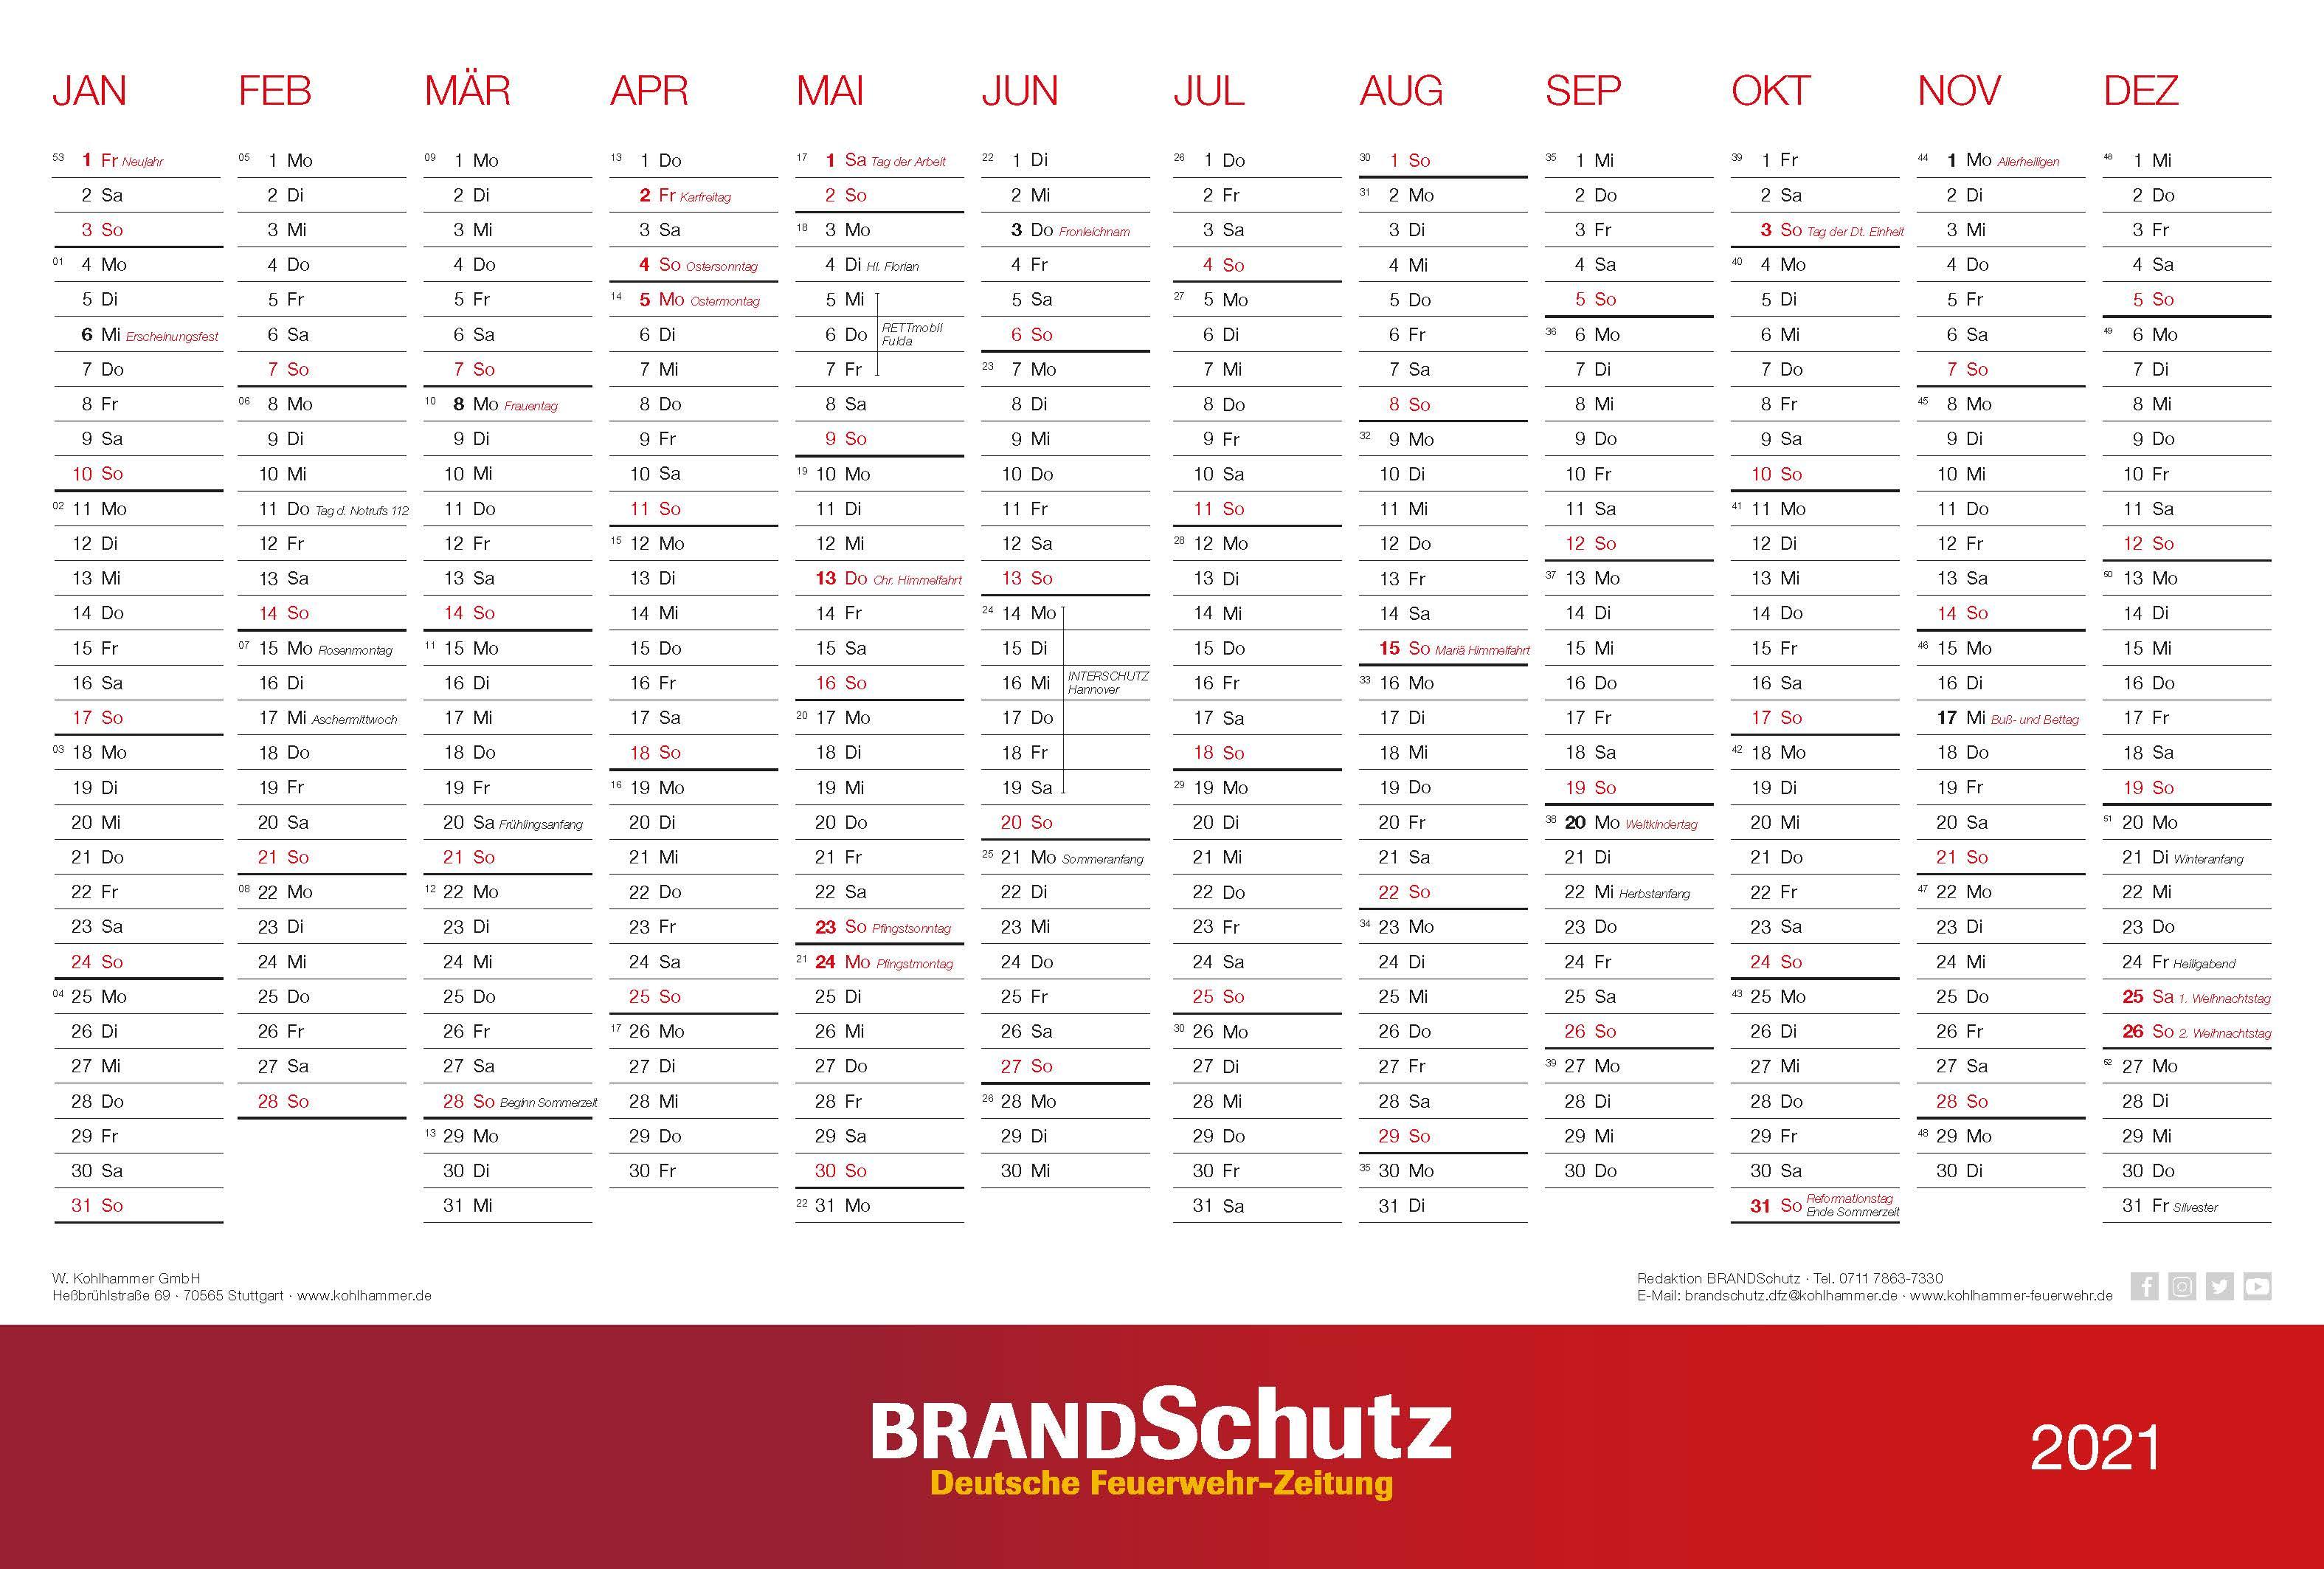 BRANDSchutz Wandkalender 2021